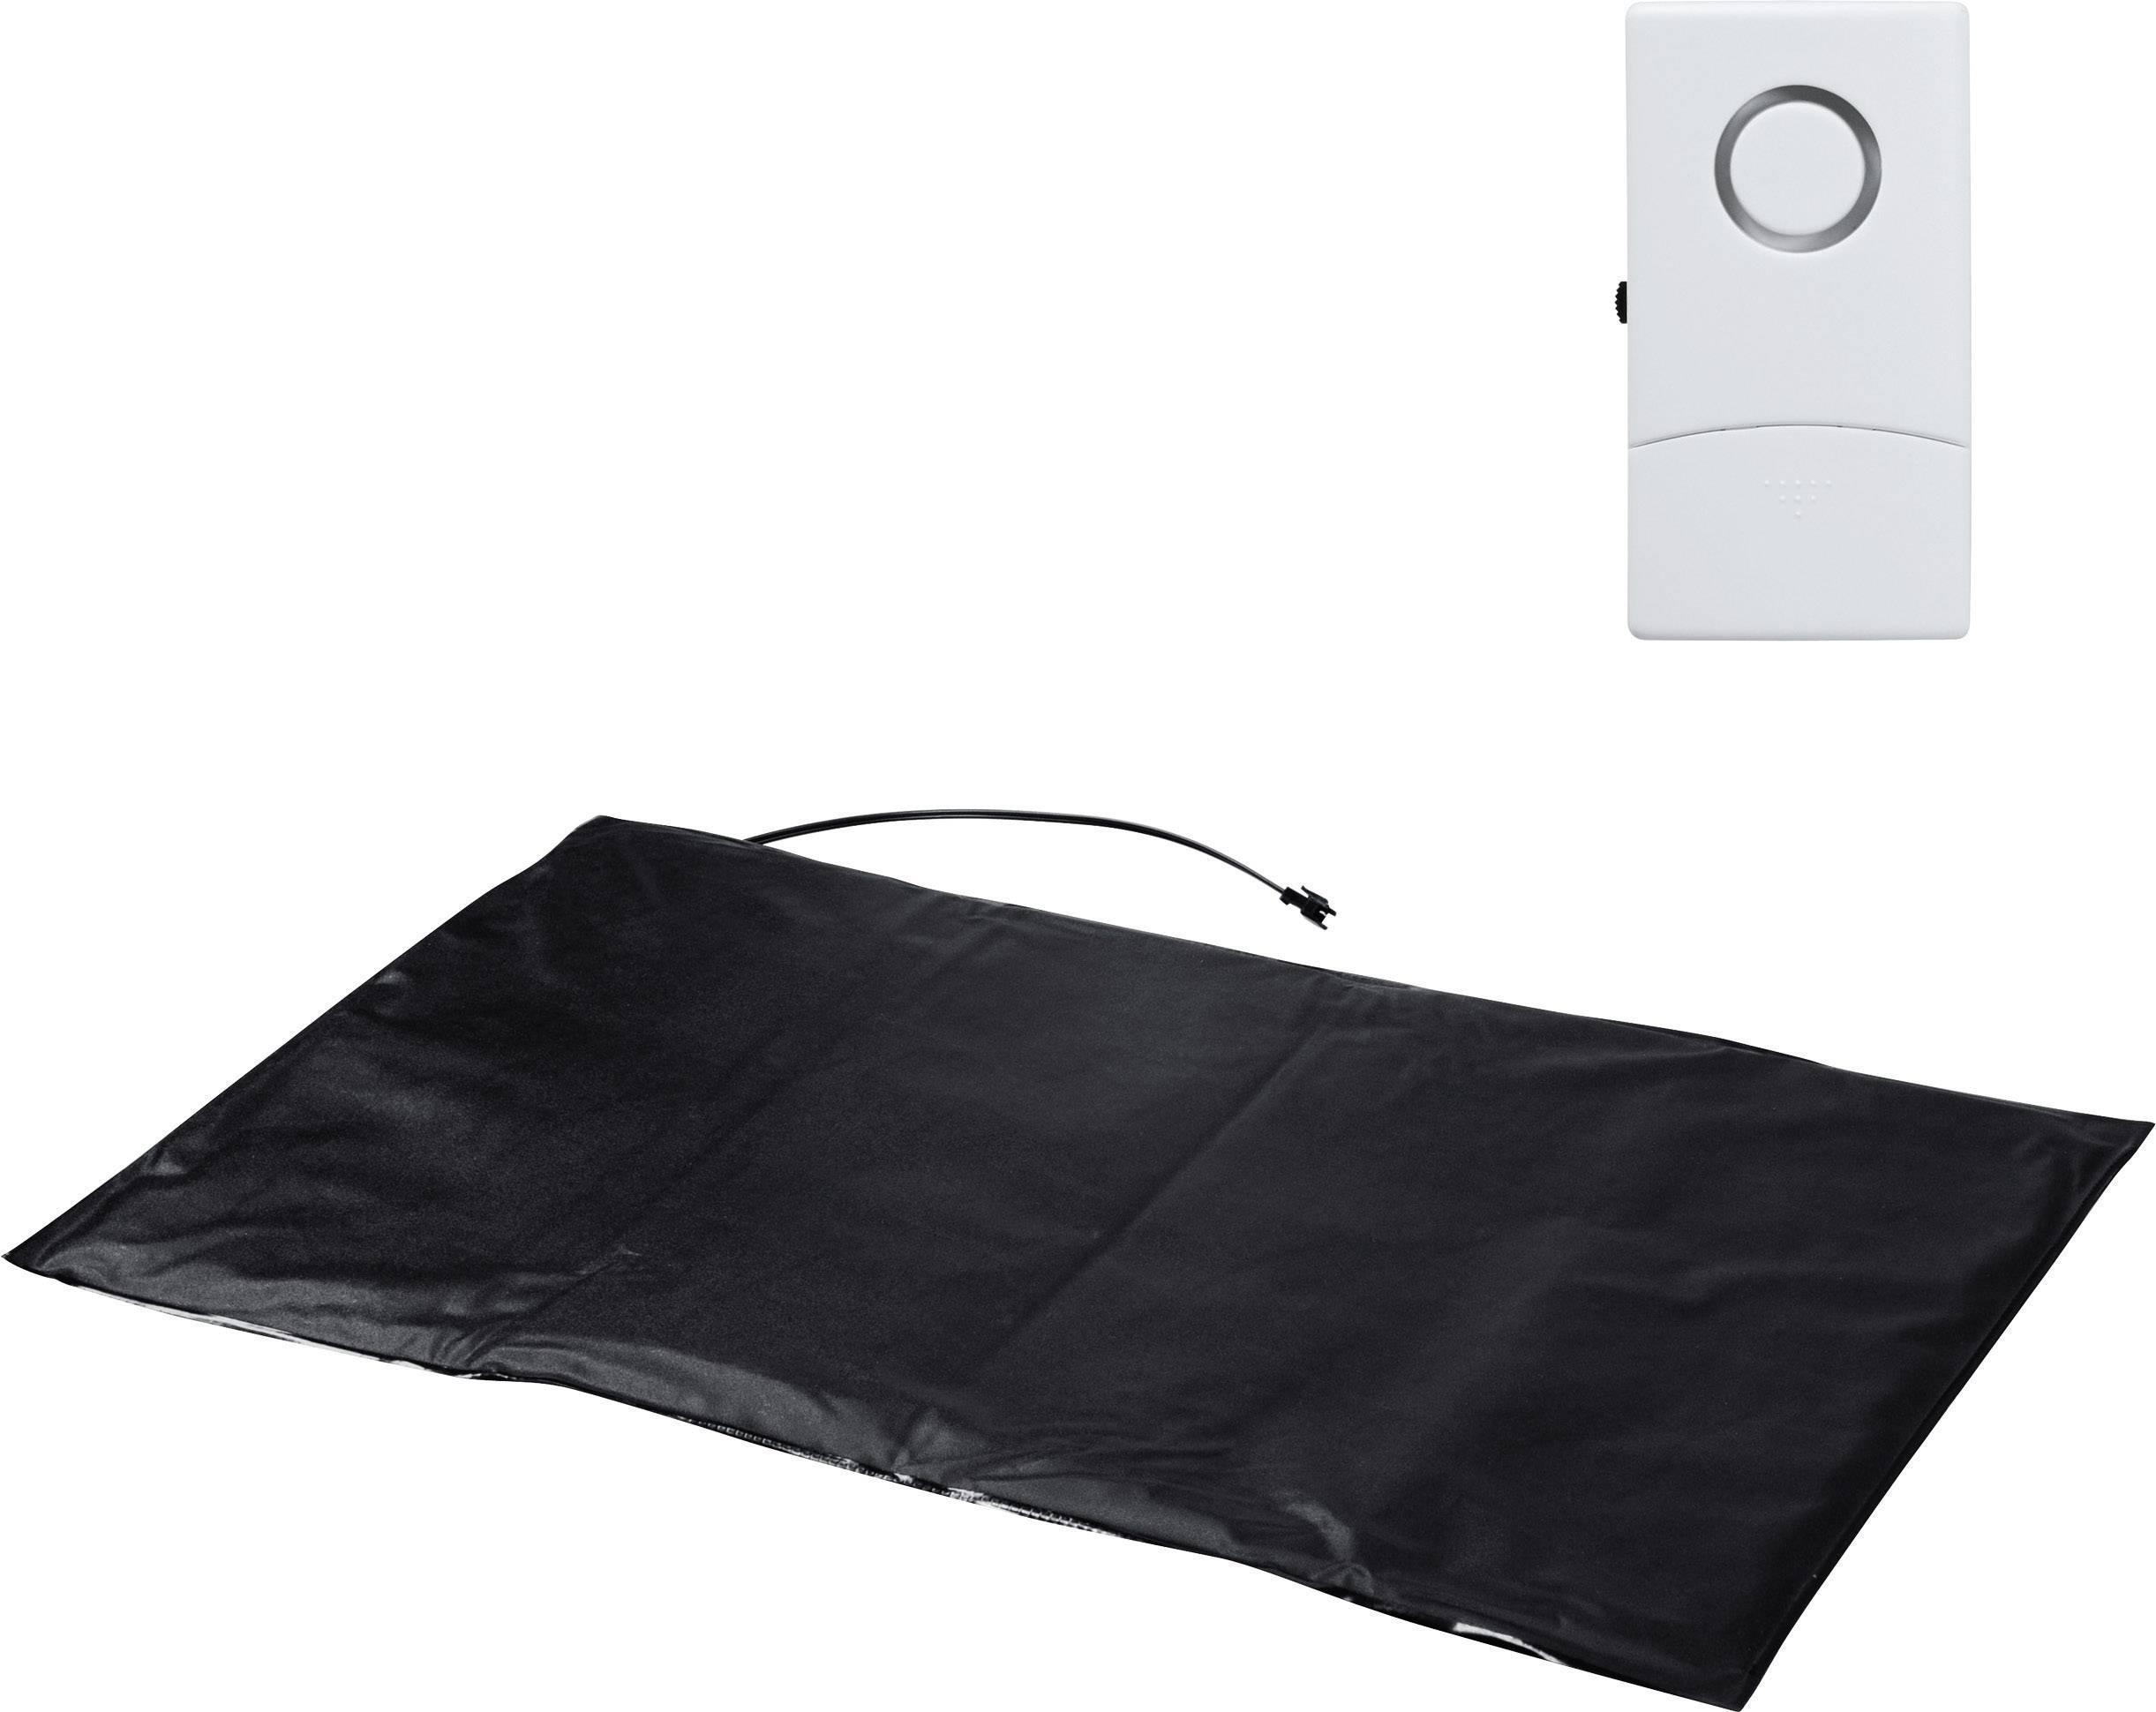 Predložka pred dvere pre mačky 33620, s alarmom, 95 dB (A)